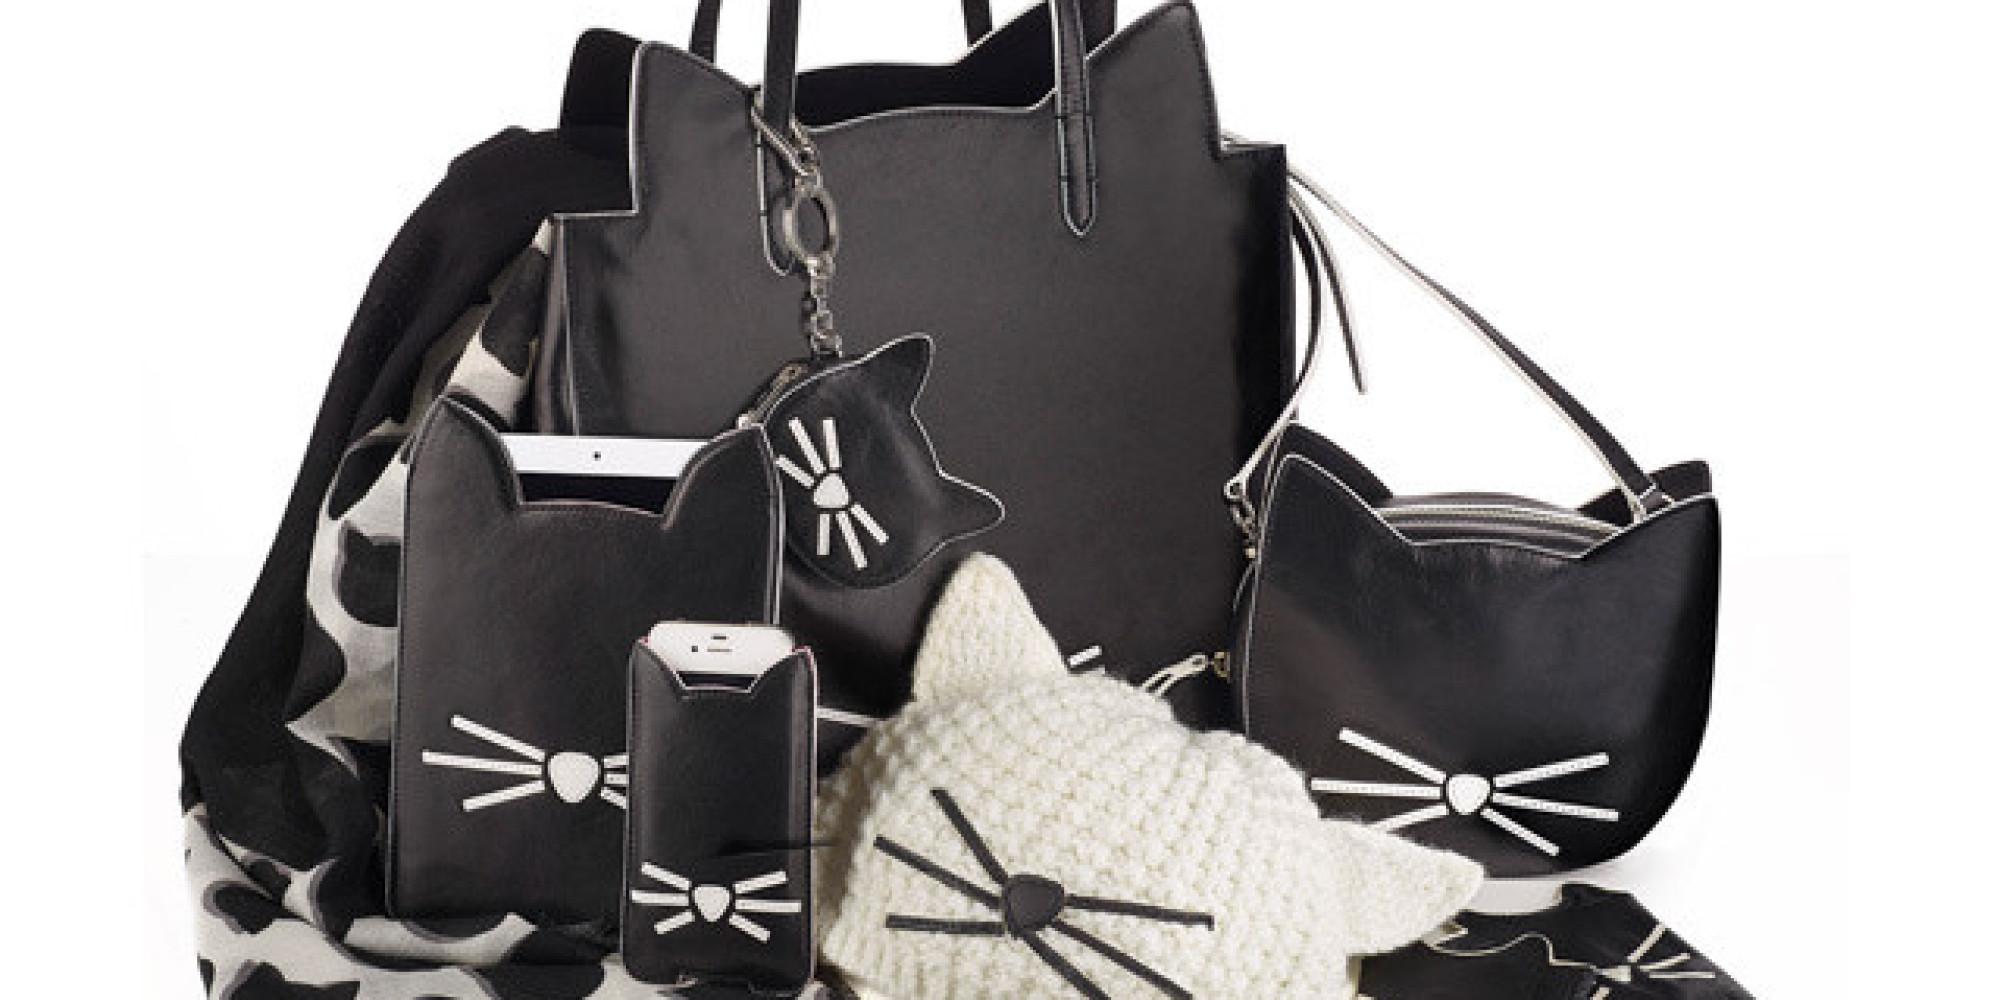 karl lagerfeld widmet seiner katze eine neue kollektion. Black Bedroom Furniture Sets. Home Design Ideas